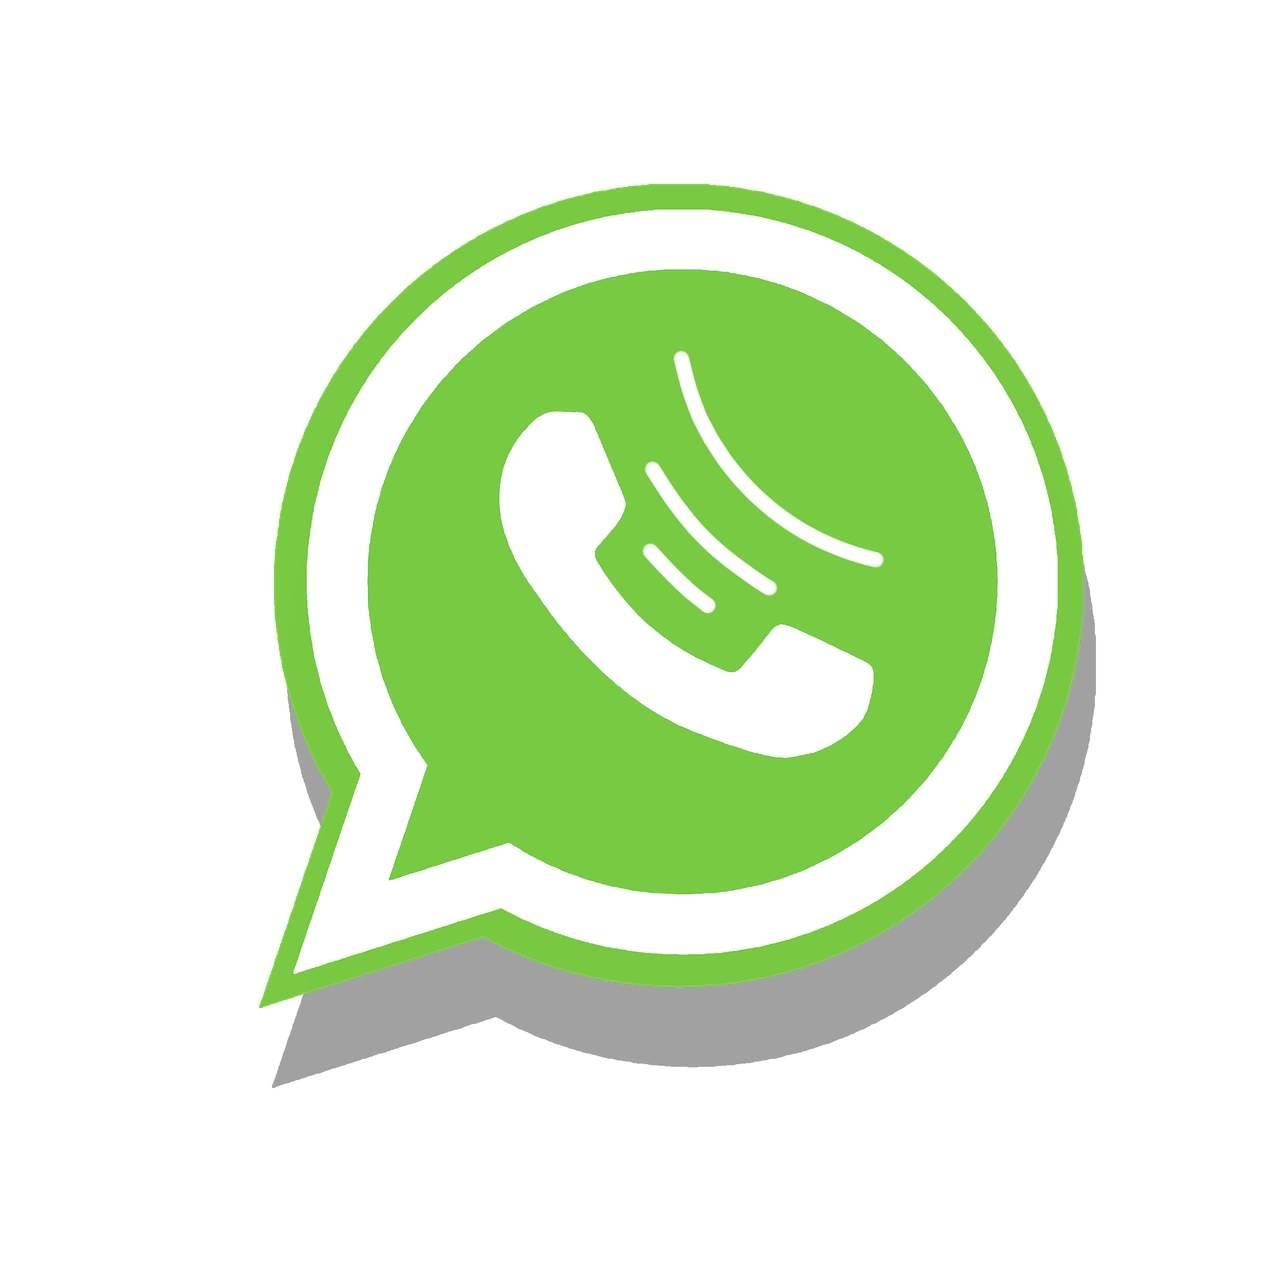 Whatsapp problemi di sicurezza in arrivo? La novità cambia tutto